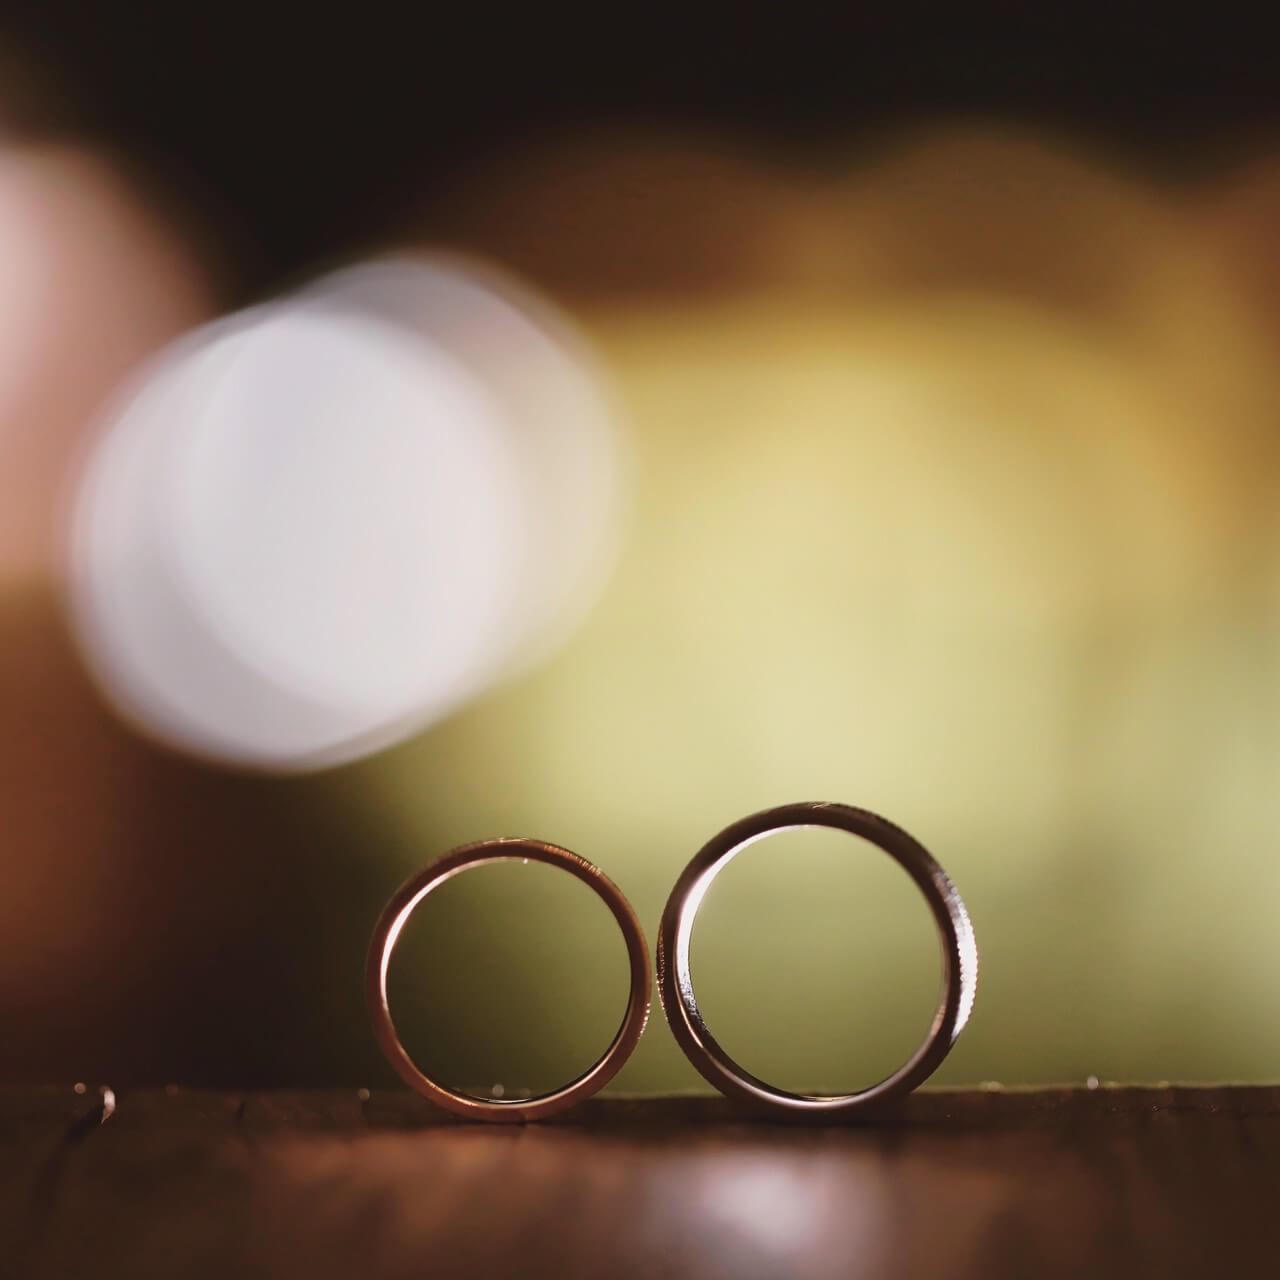 絆を象徴したデザイン@手作り結婚指輪 工房スミス札幌店